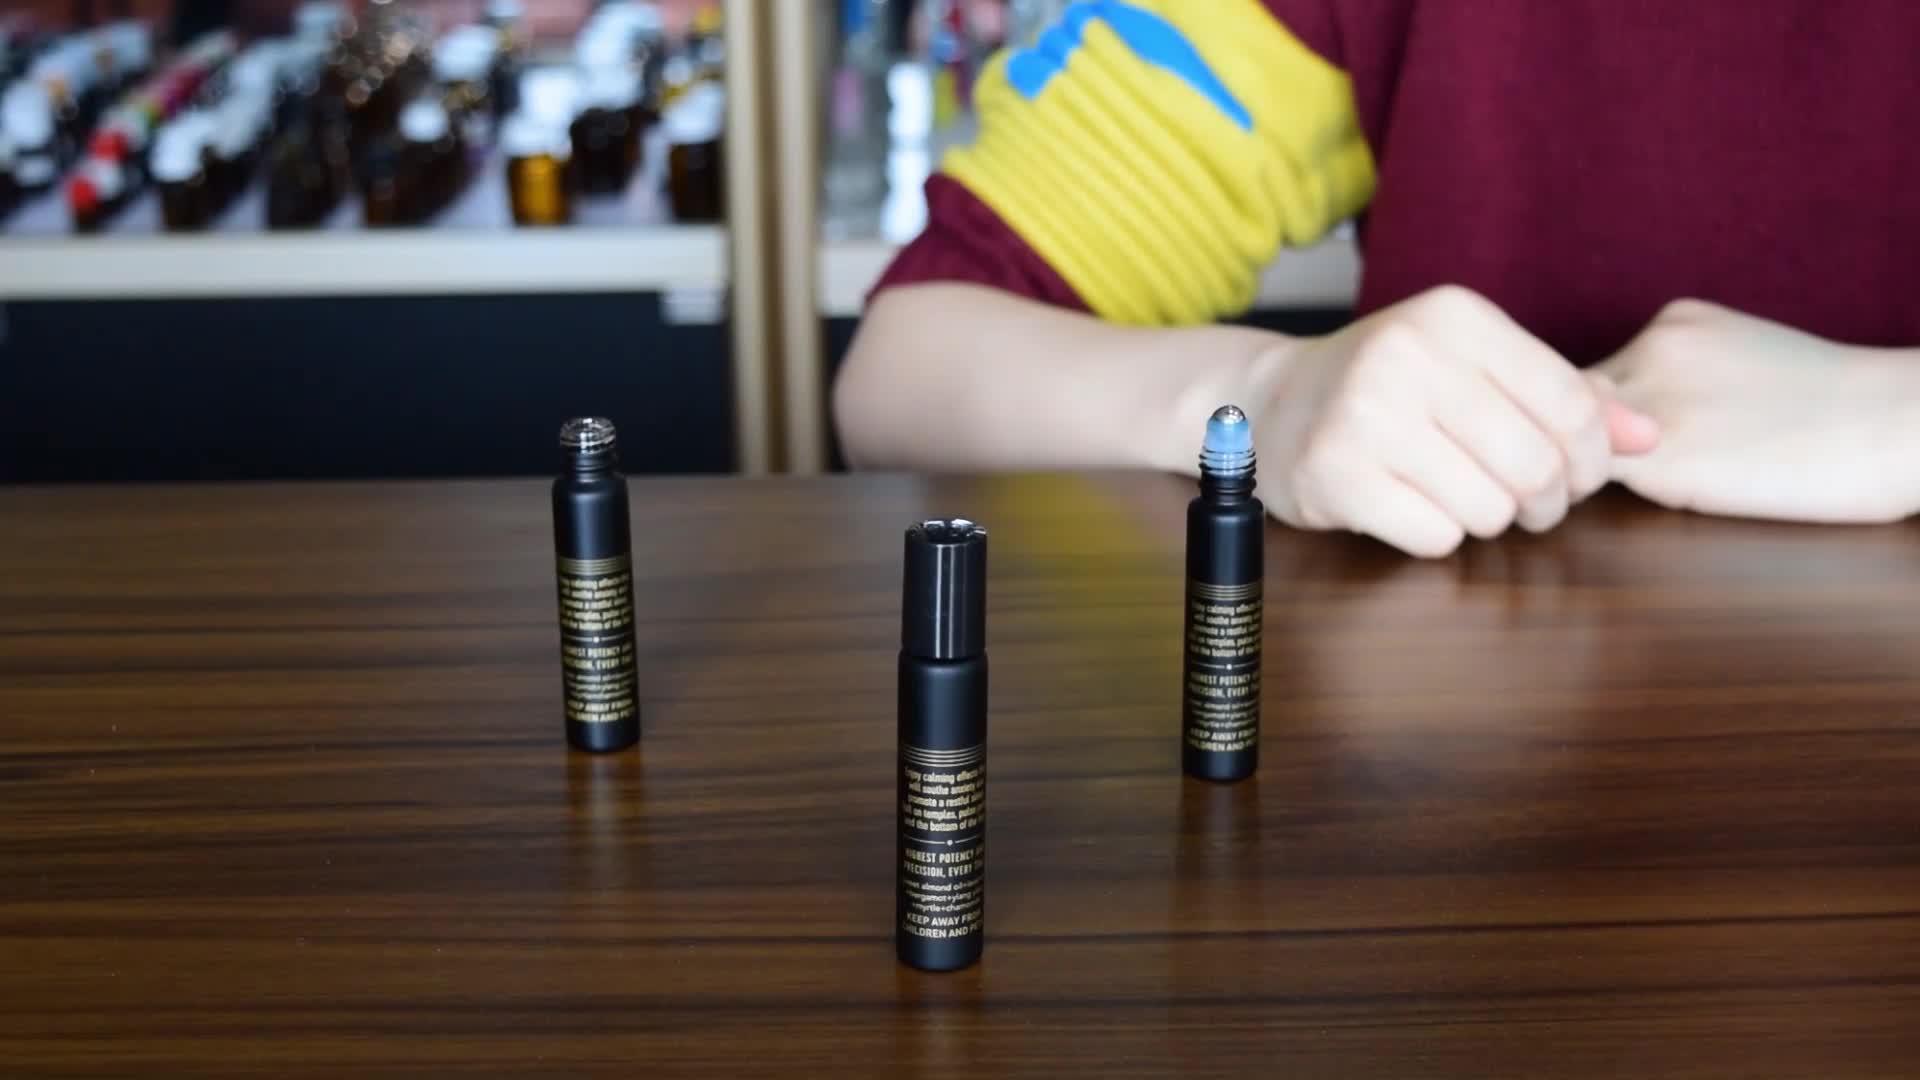 マットブラックガラスチューブ香水消臭ボトルに 10 ミリリットルステンレス鋼ロールボトルエッセンシャルオイル梱包